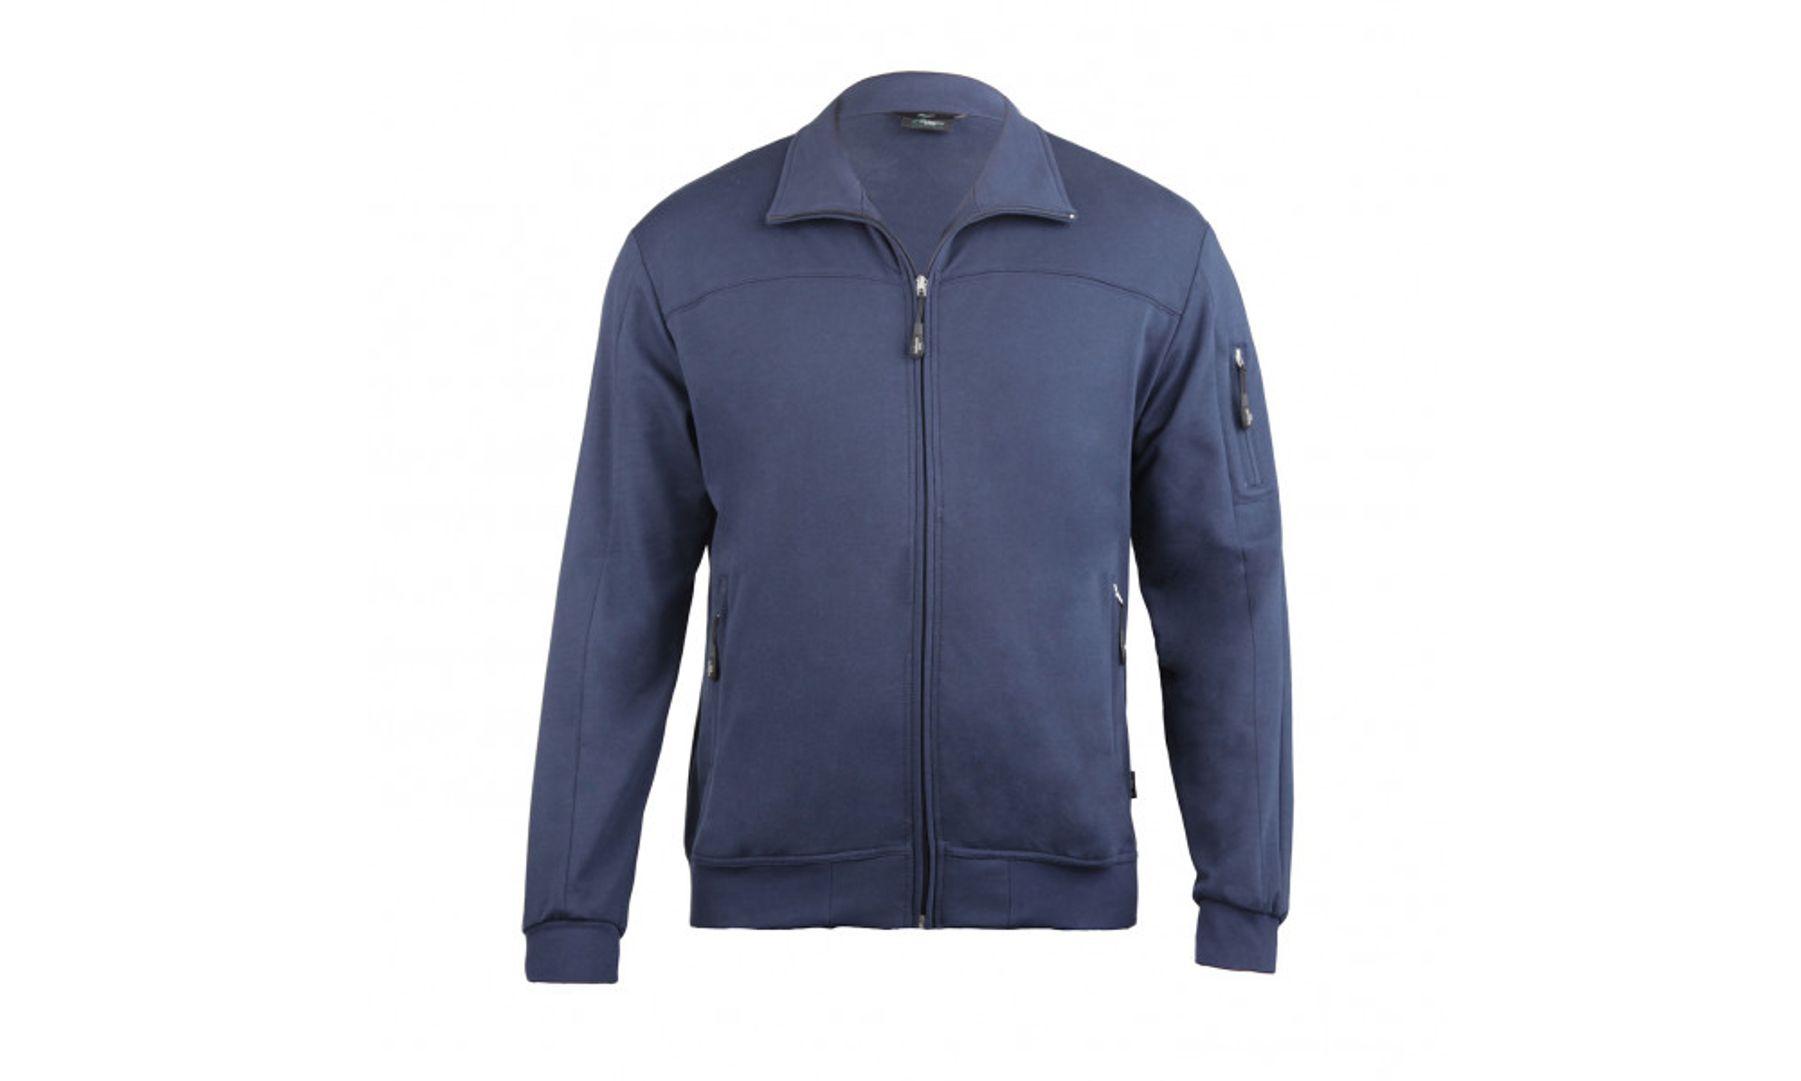 Authentic klein - Herren Sport und Freizeit Jacke aus Baumwolle in verschiedenen Farben (53036) – Bild 4